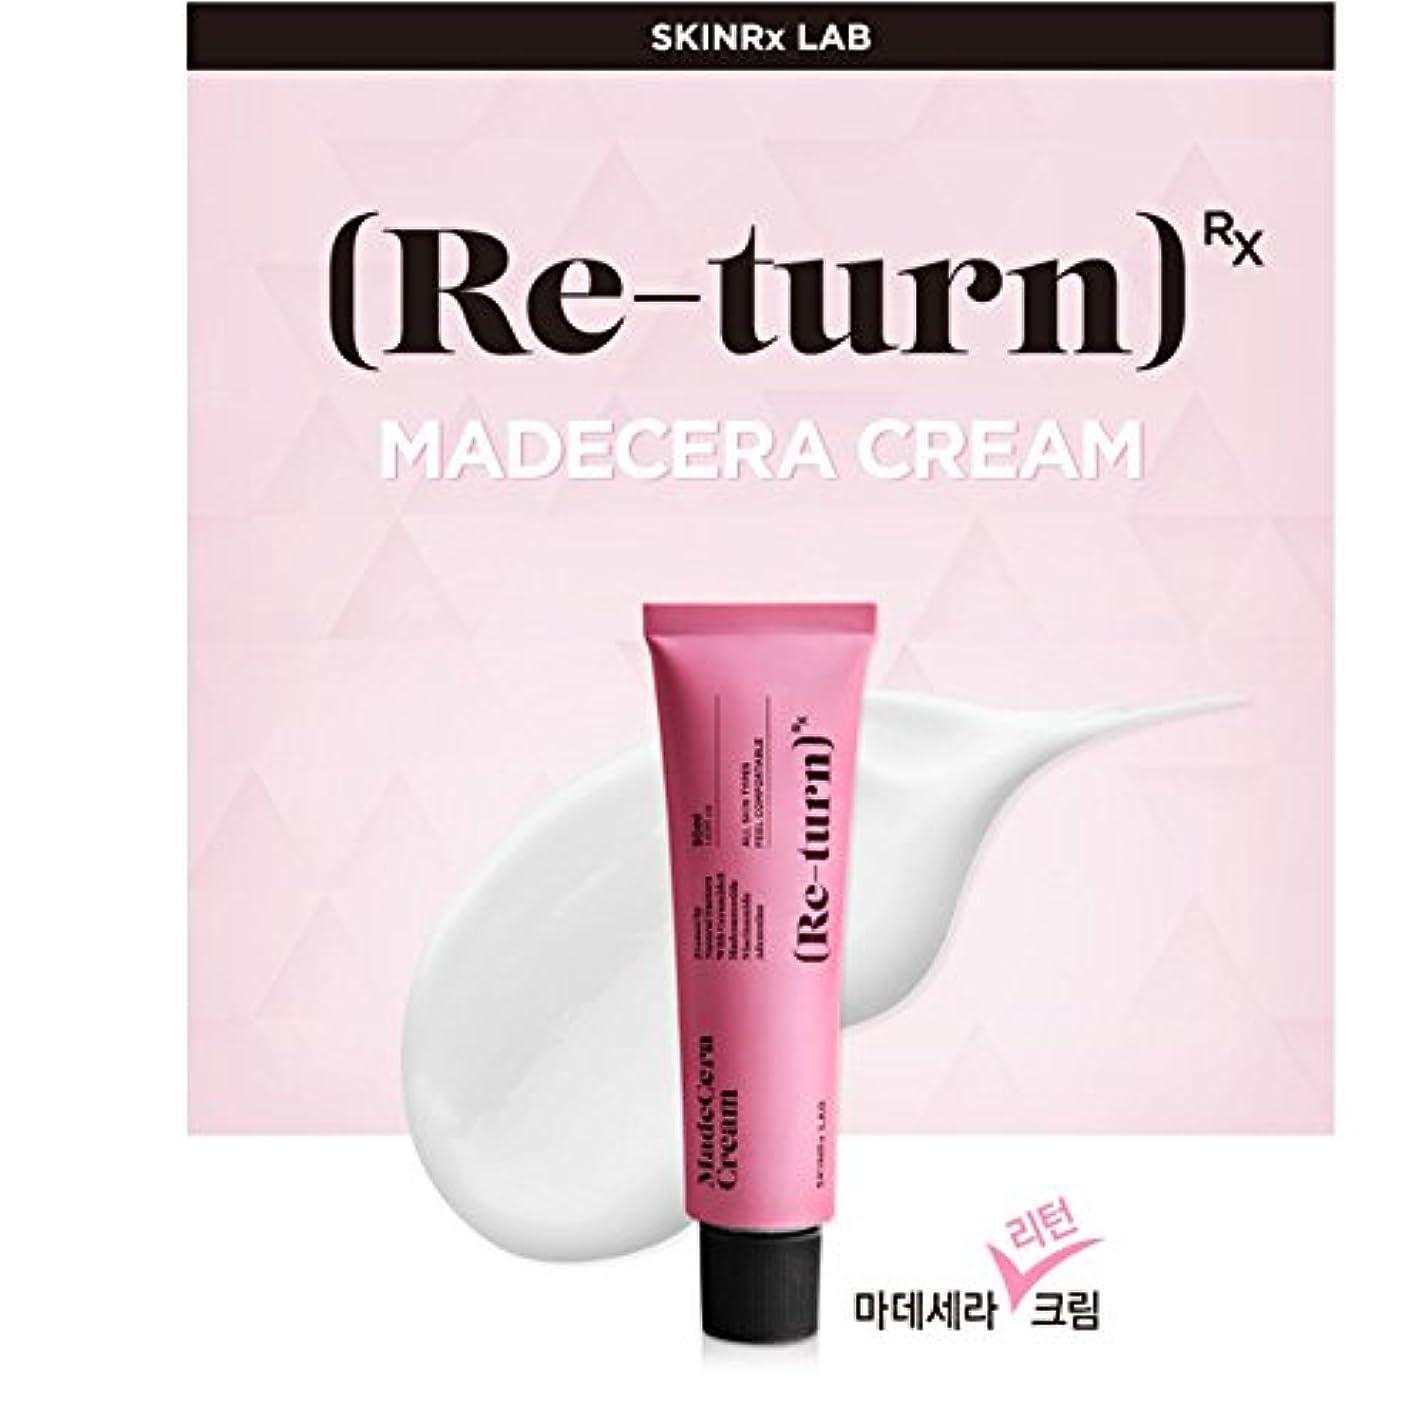 起きる要旨付けるスキンアルエクスラップ マデセラ リターン クリーム 50ml / SKINRxLAB MadeCera Re-turn Cream 50ml (1.69oz)